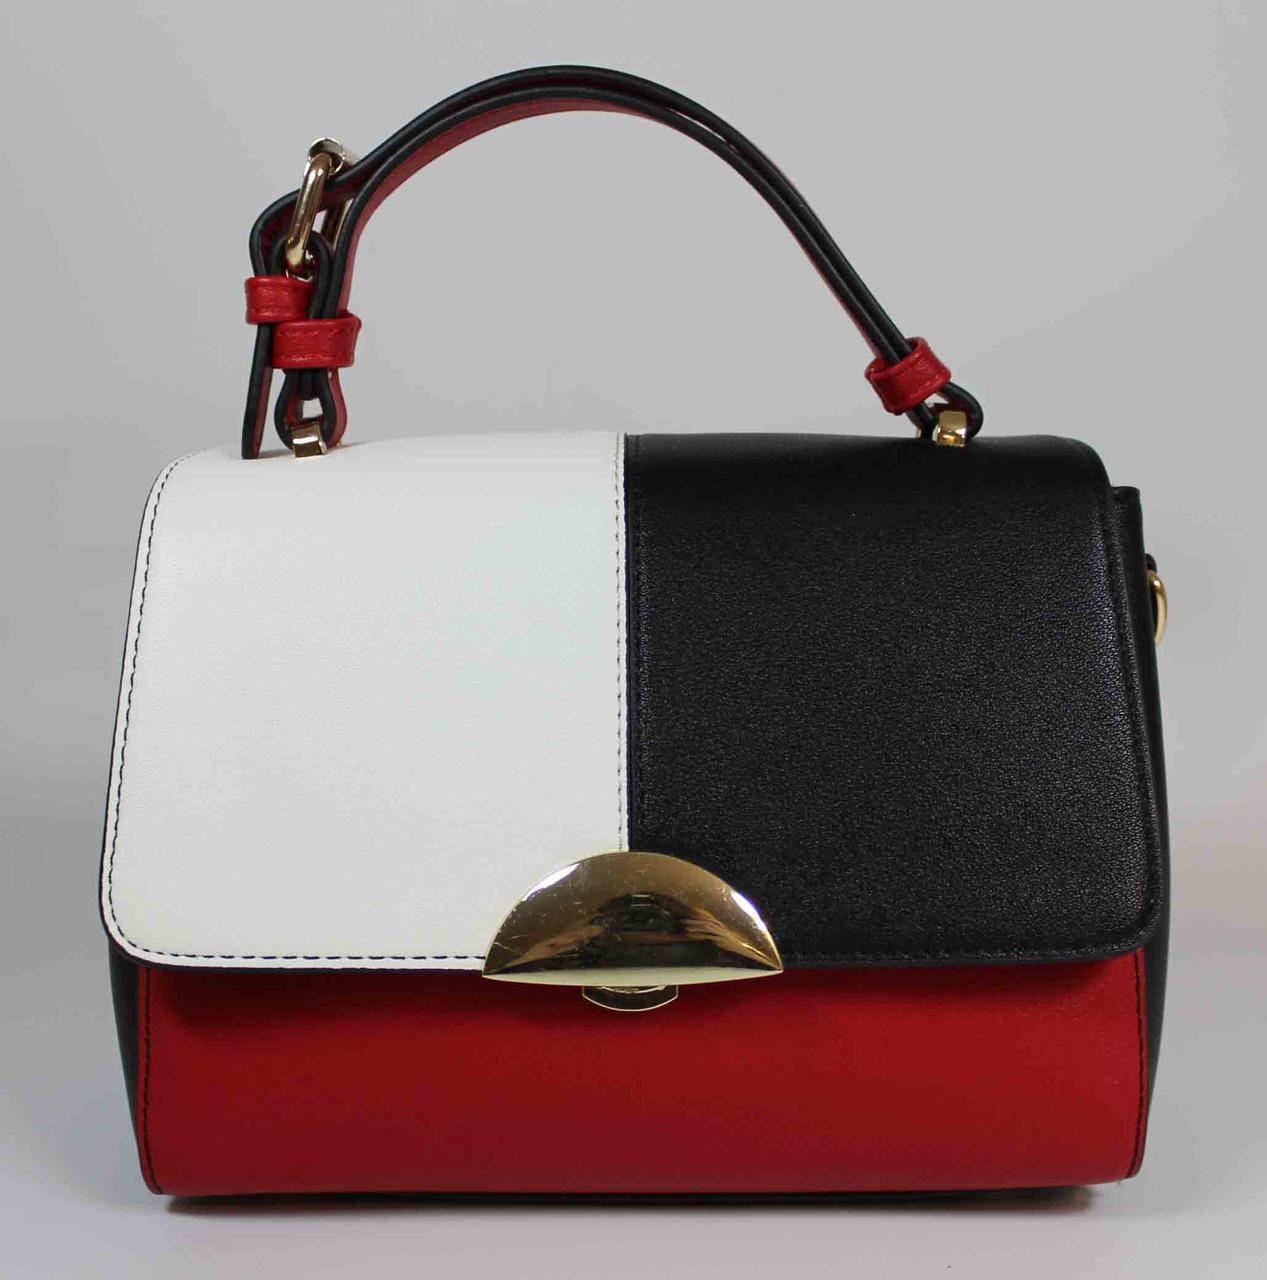 5a6b60231f57 Стильная женская сумочка небольшого размера - Komodd - Женские сумки,рюкзачки,спортивные  сумки в